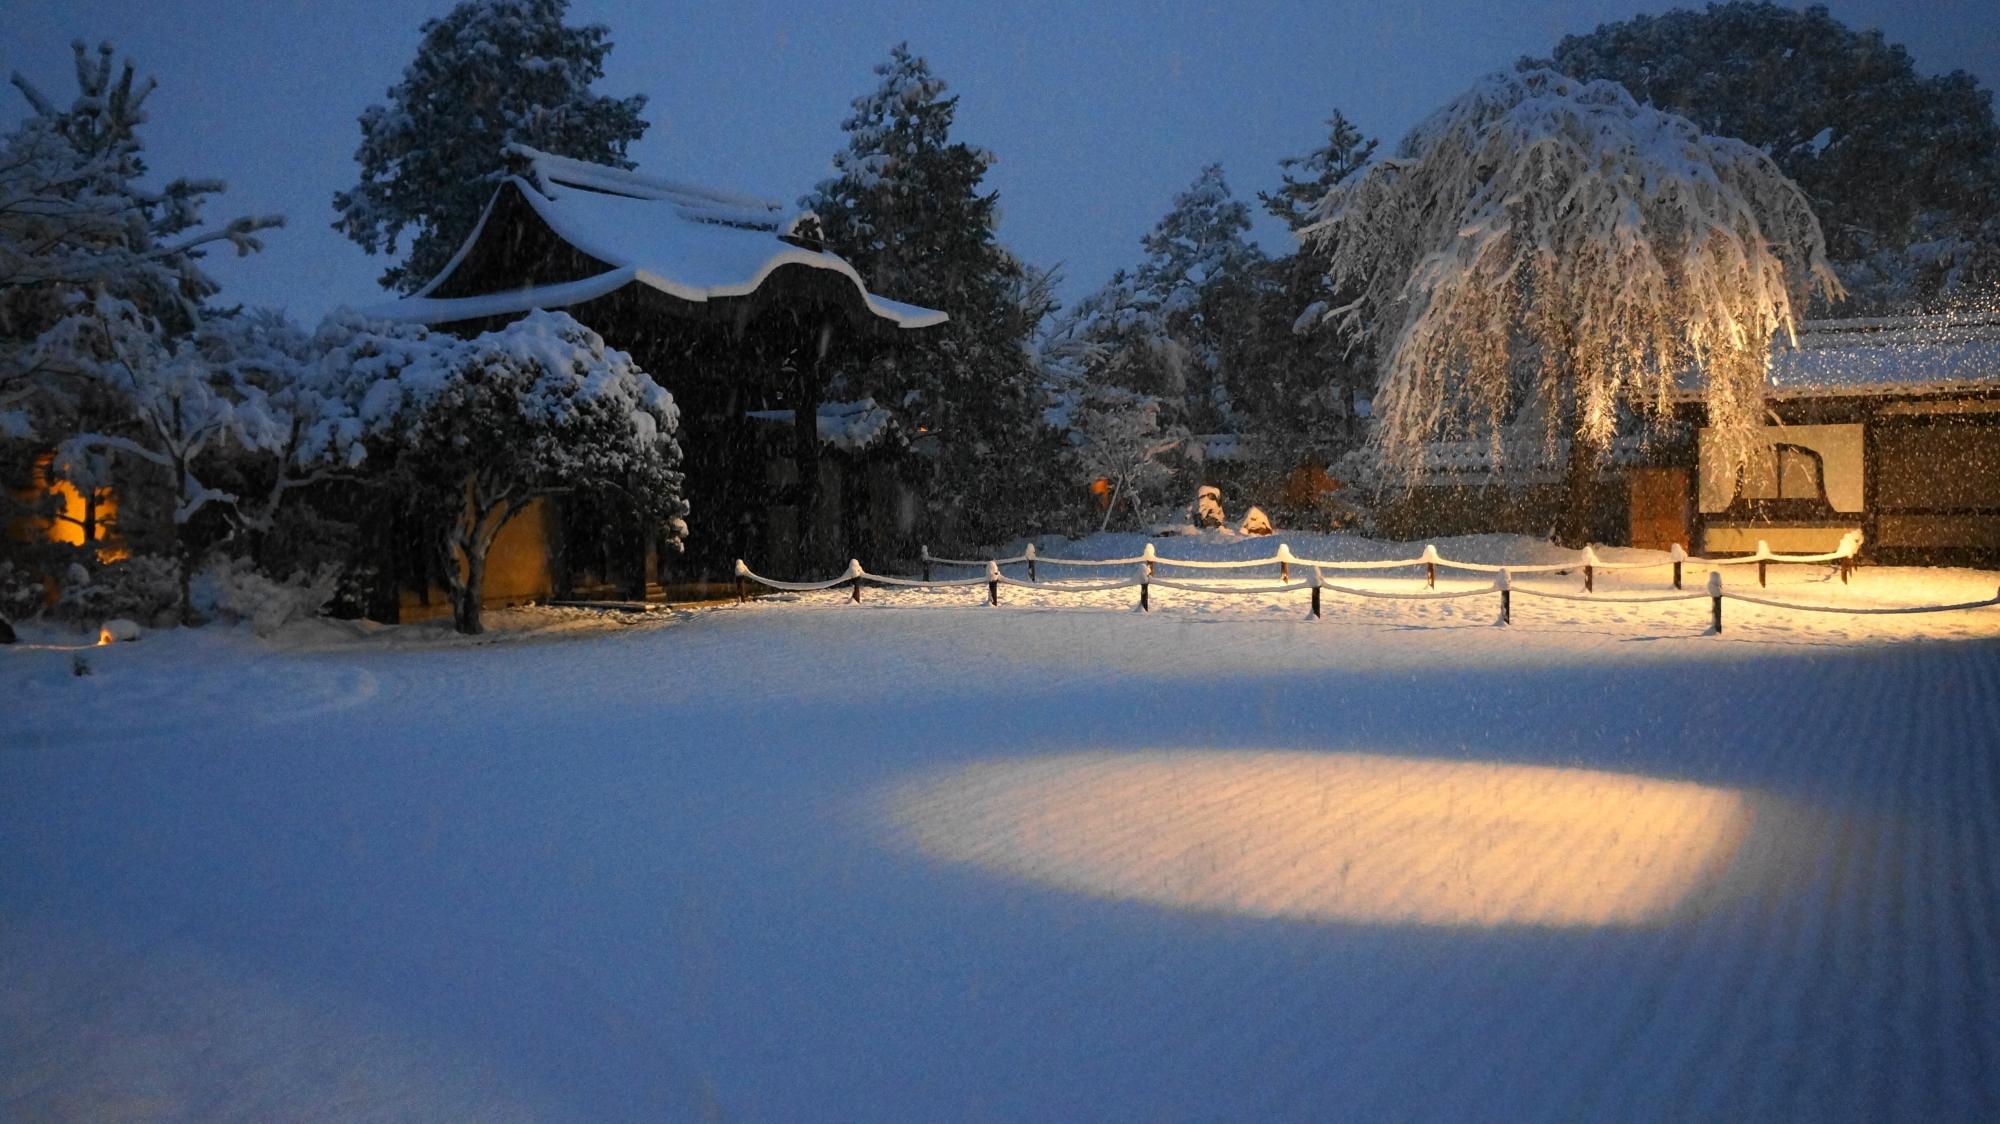 高台寺の雪の方丈庭園の見事なライトアップ